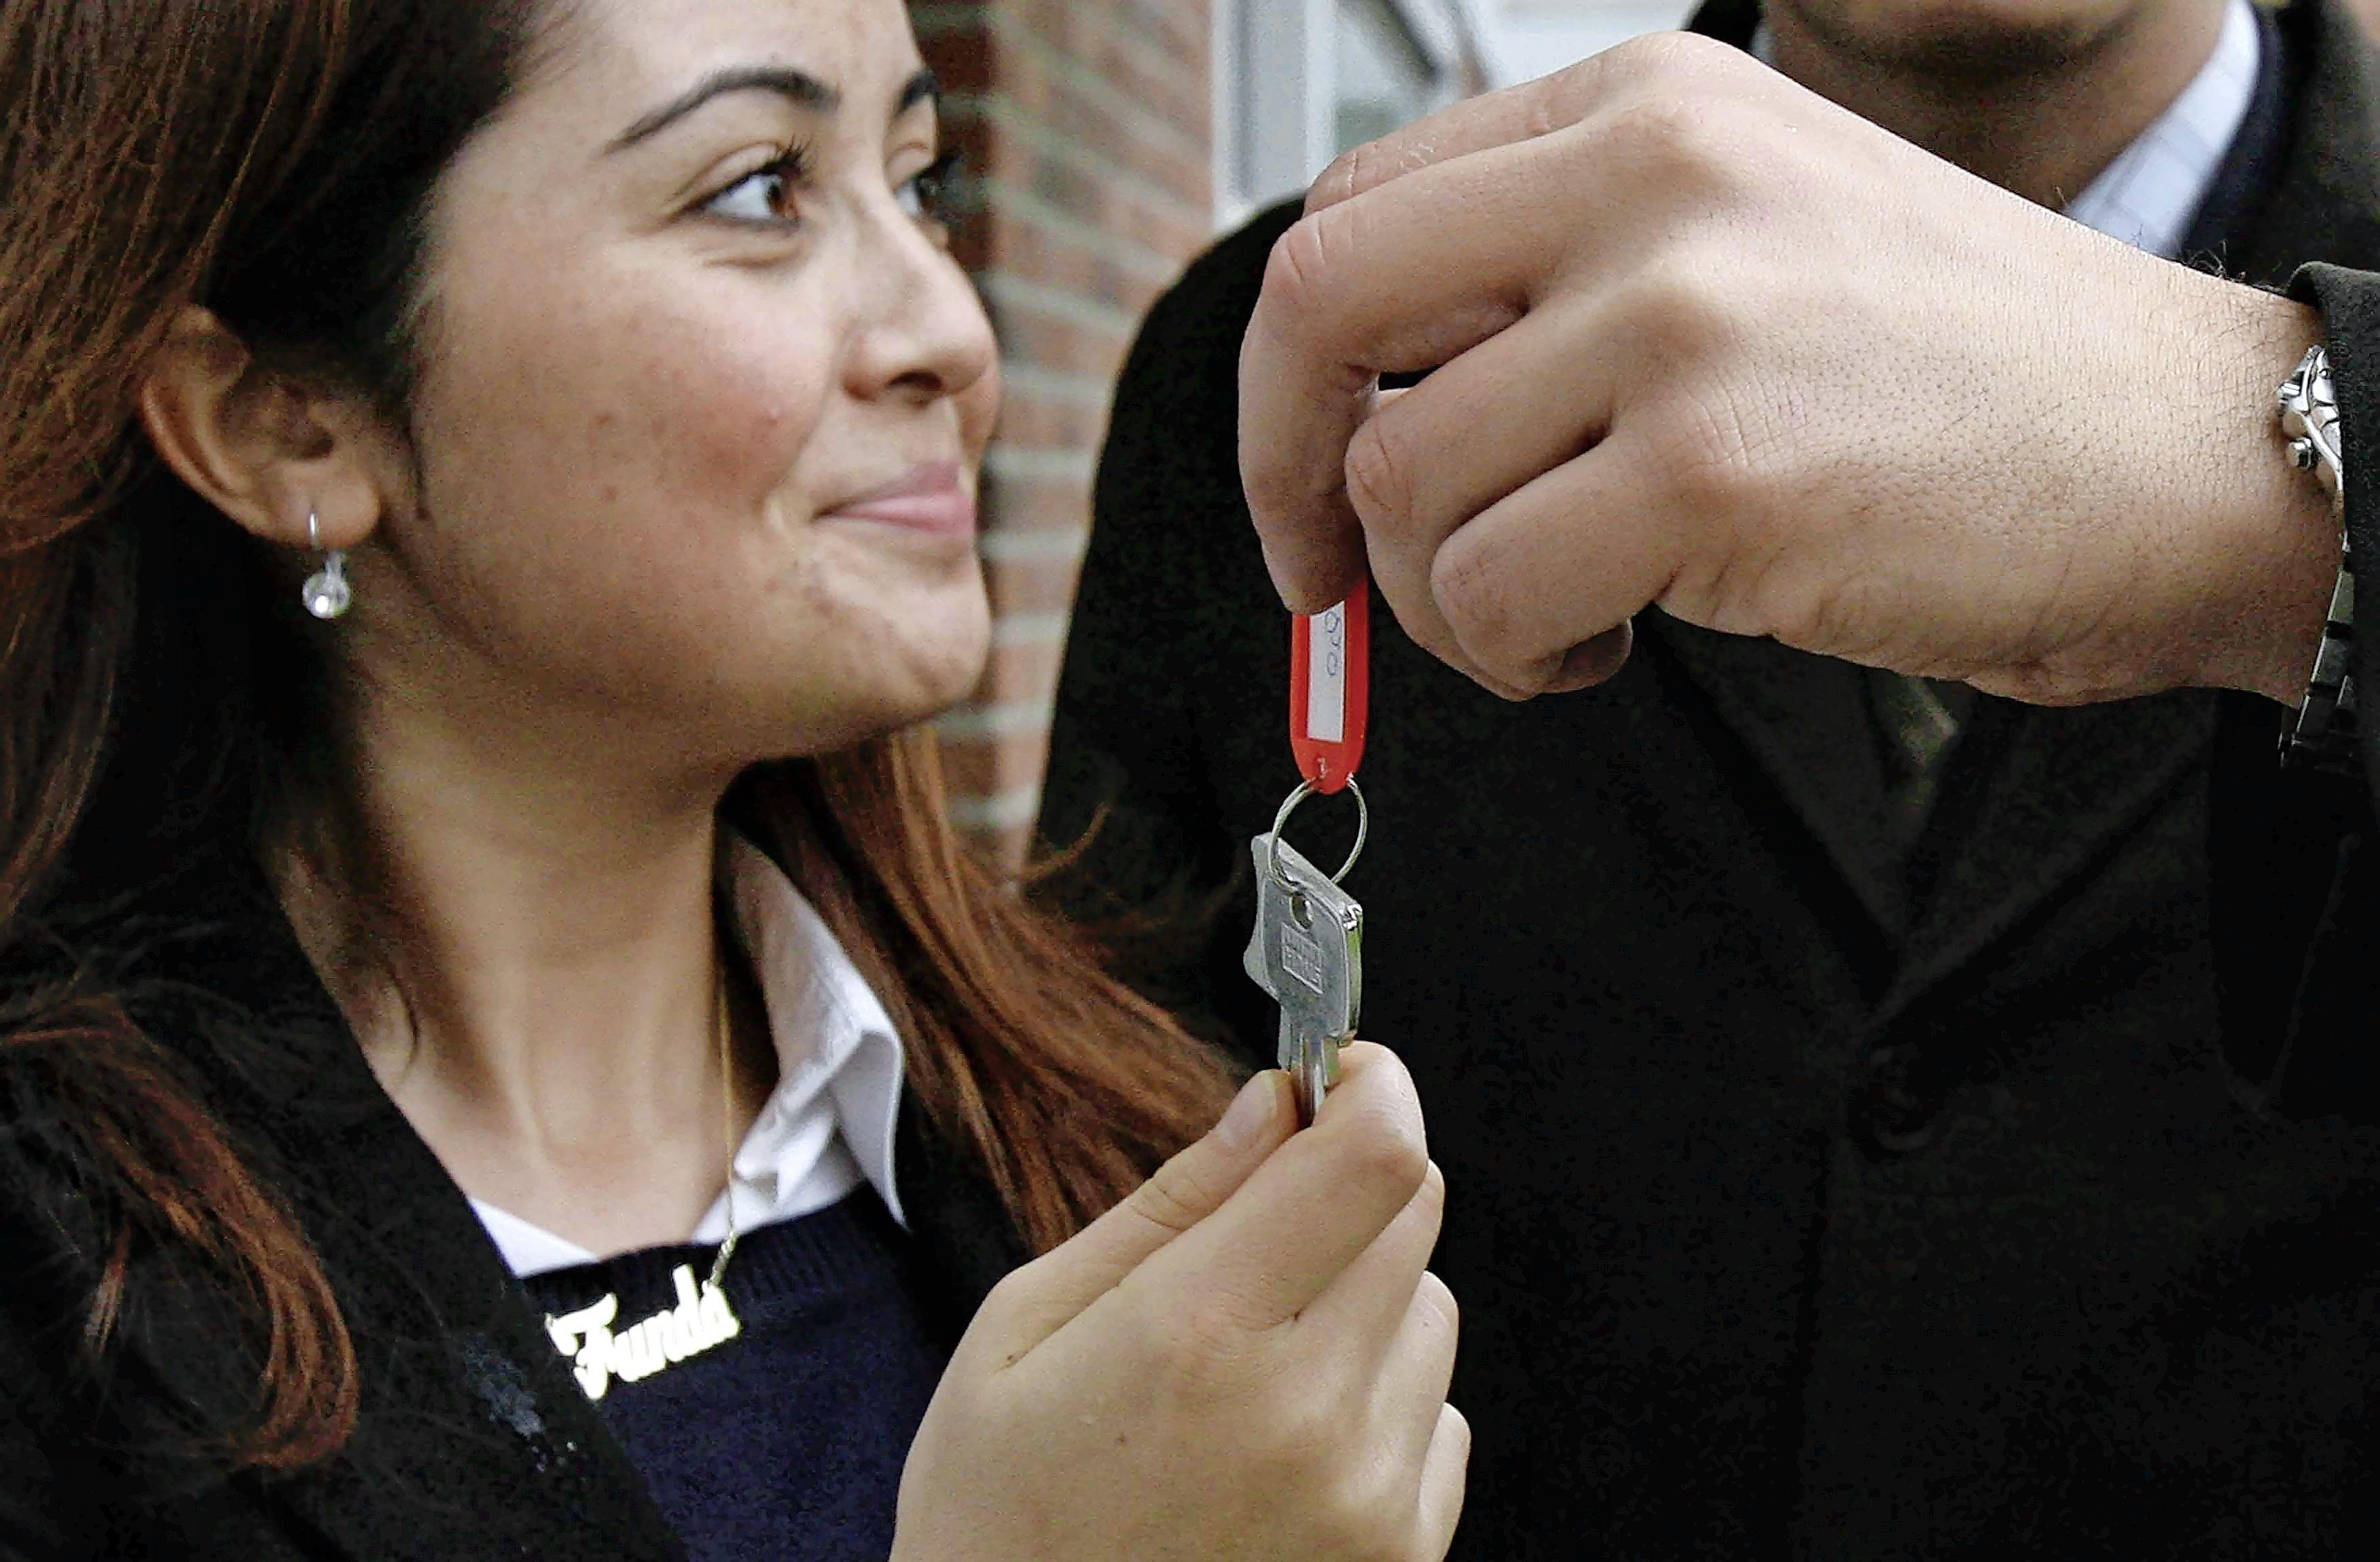 Drie op de vier woningen in West-Friesland verkocht boven vraagprijs, prijzen stijgen eerste kwartaal met 15,1 procent